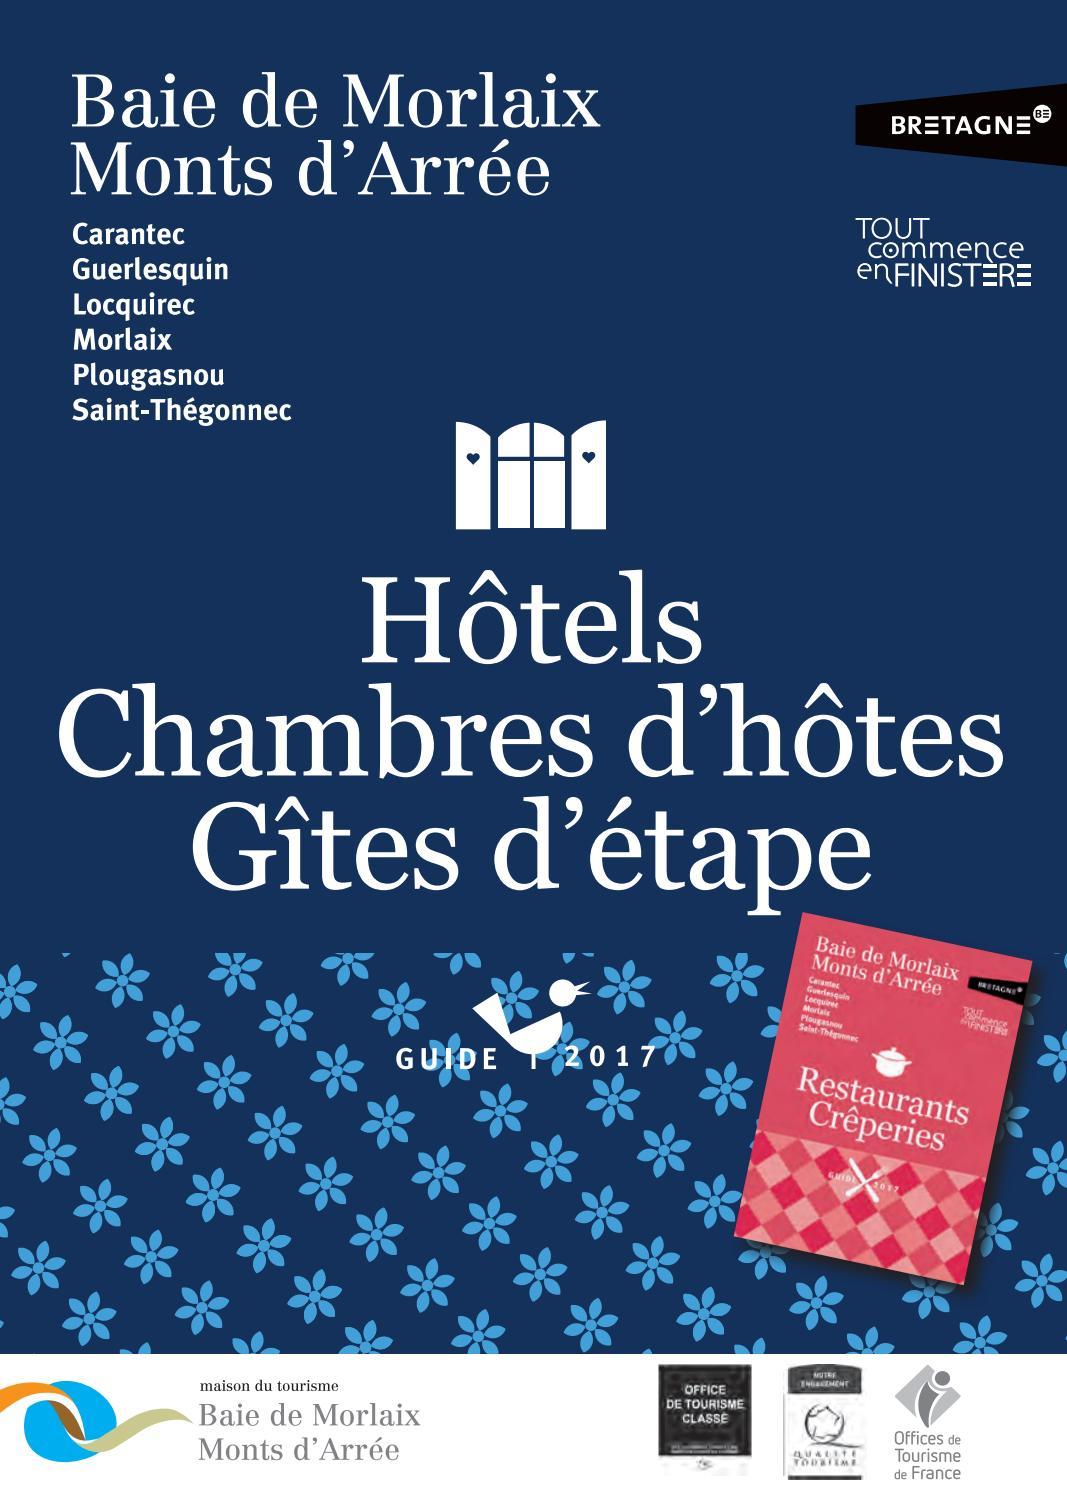 Guide gites d 39 tape baie de morlaix monts d 39 arr e 2017 by maison du tourisme issuu - Office du tourisme bourgoin jallieu ...